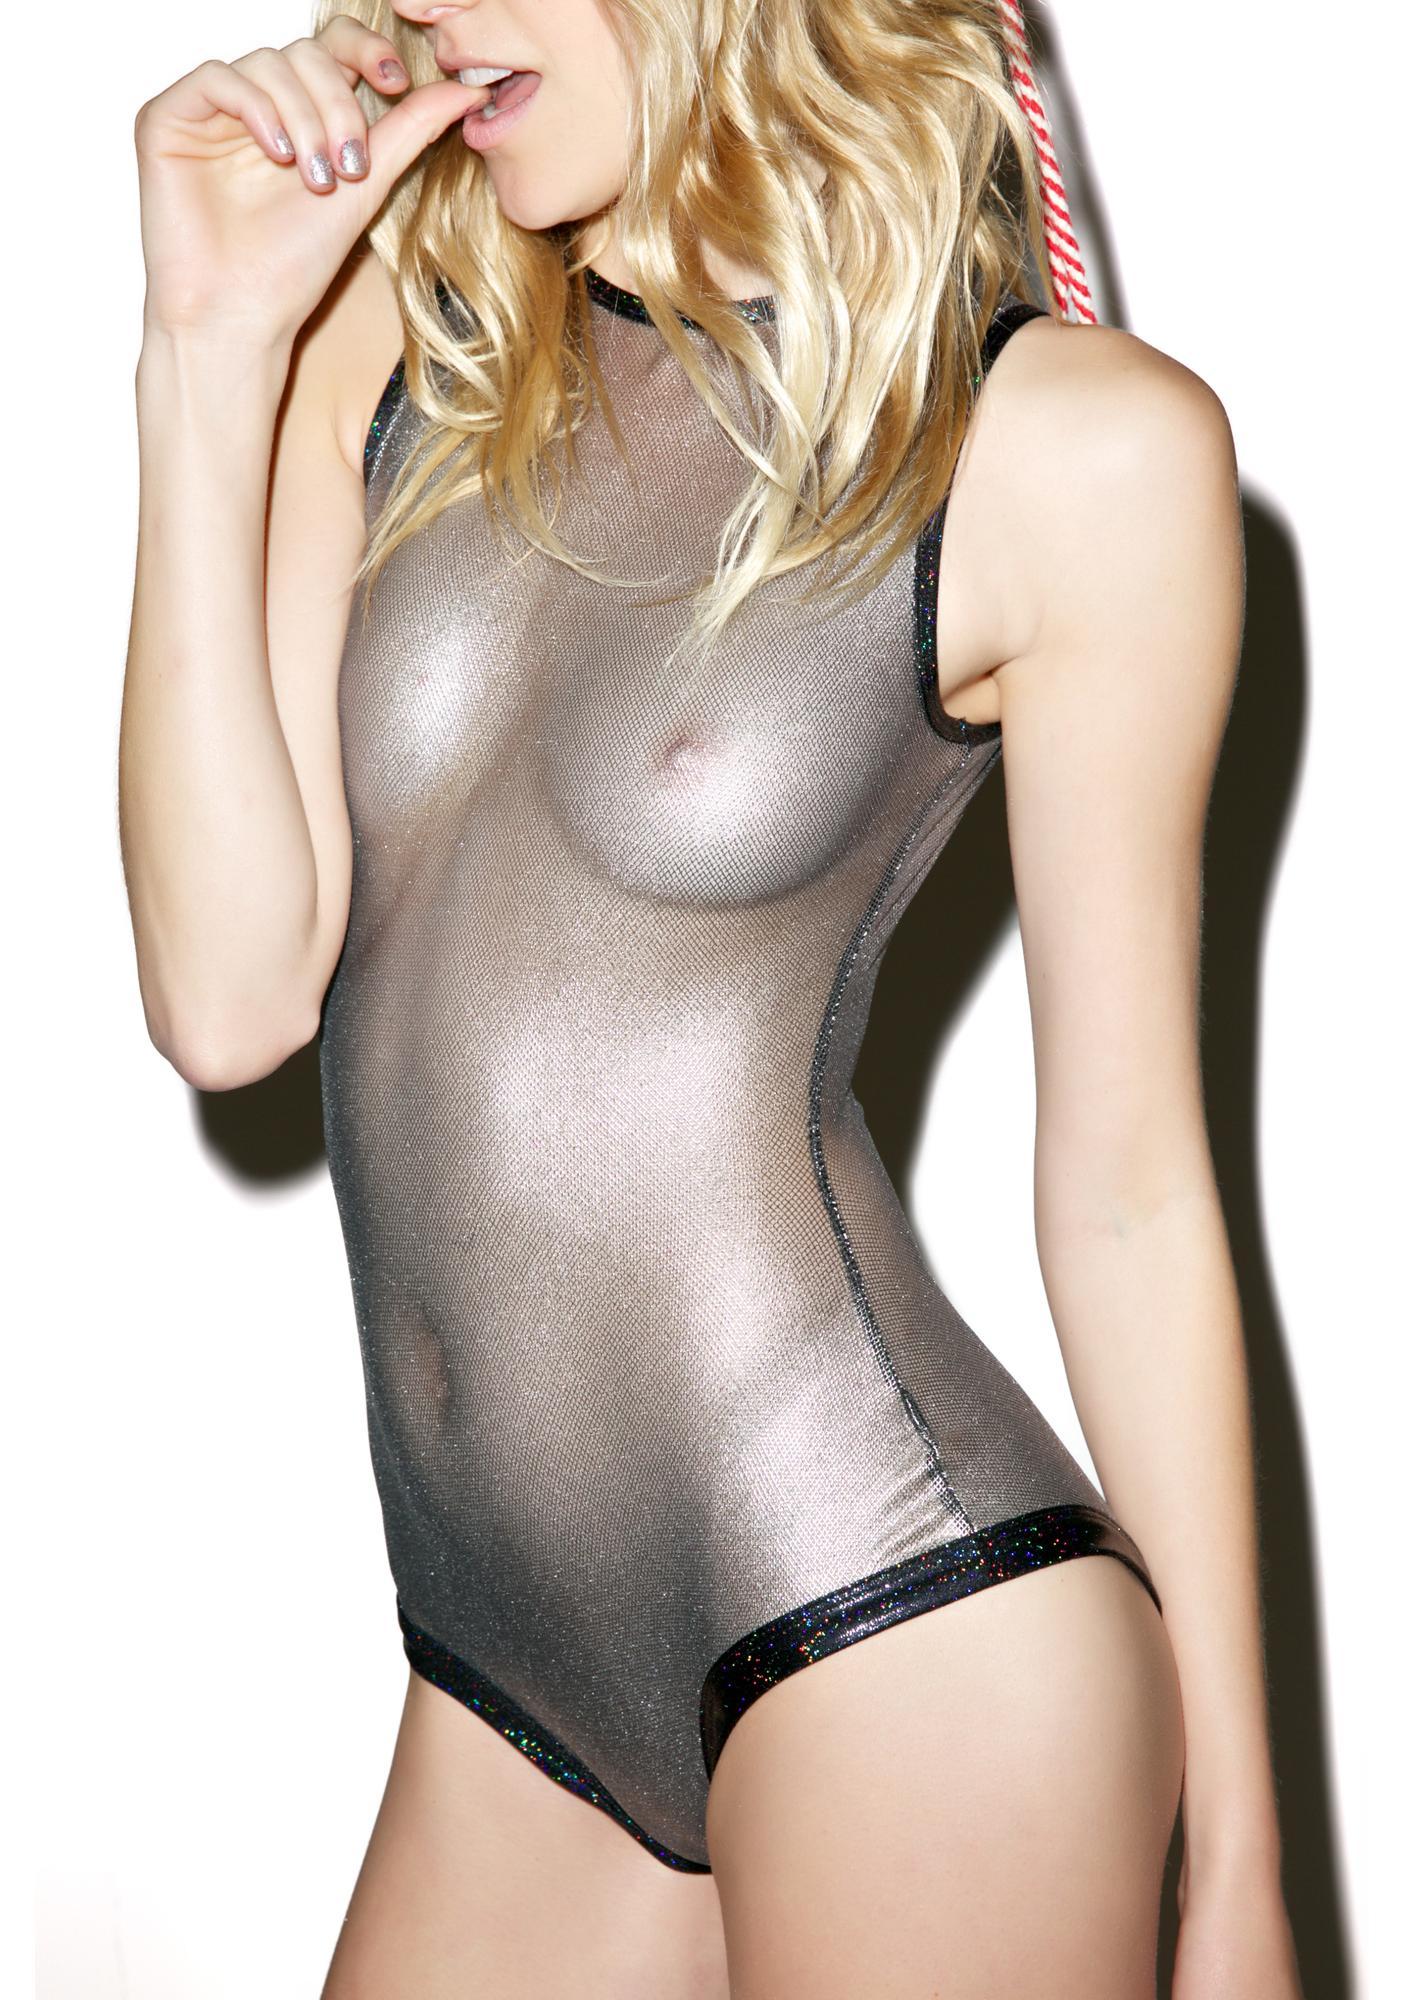 J Valentine Gunmetal Glitz Fishnet Bodysuit